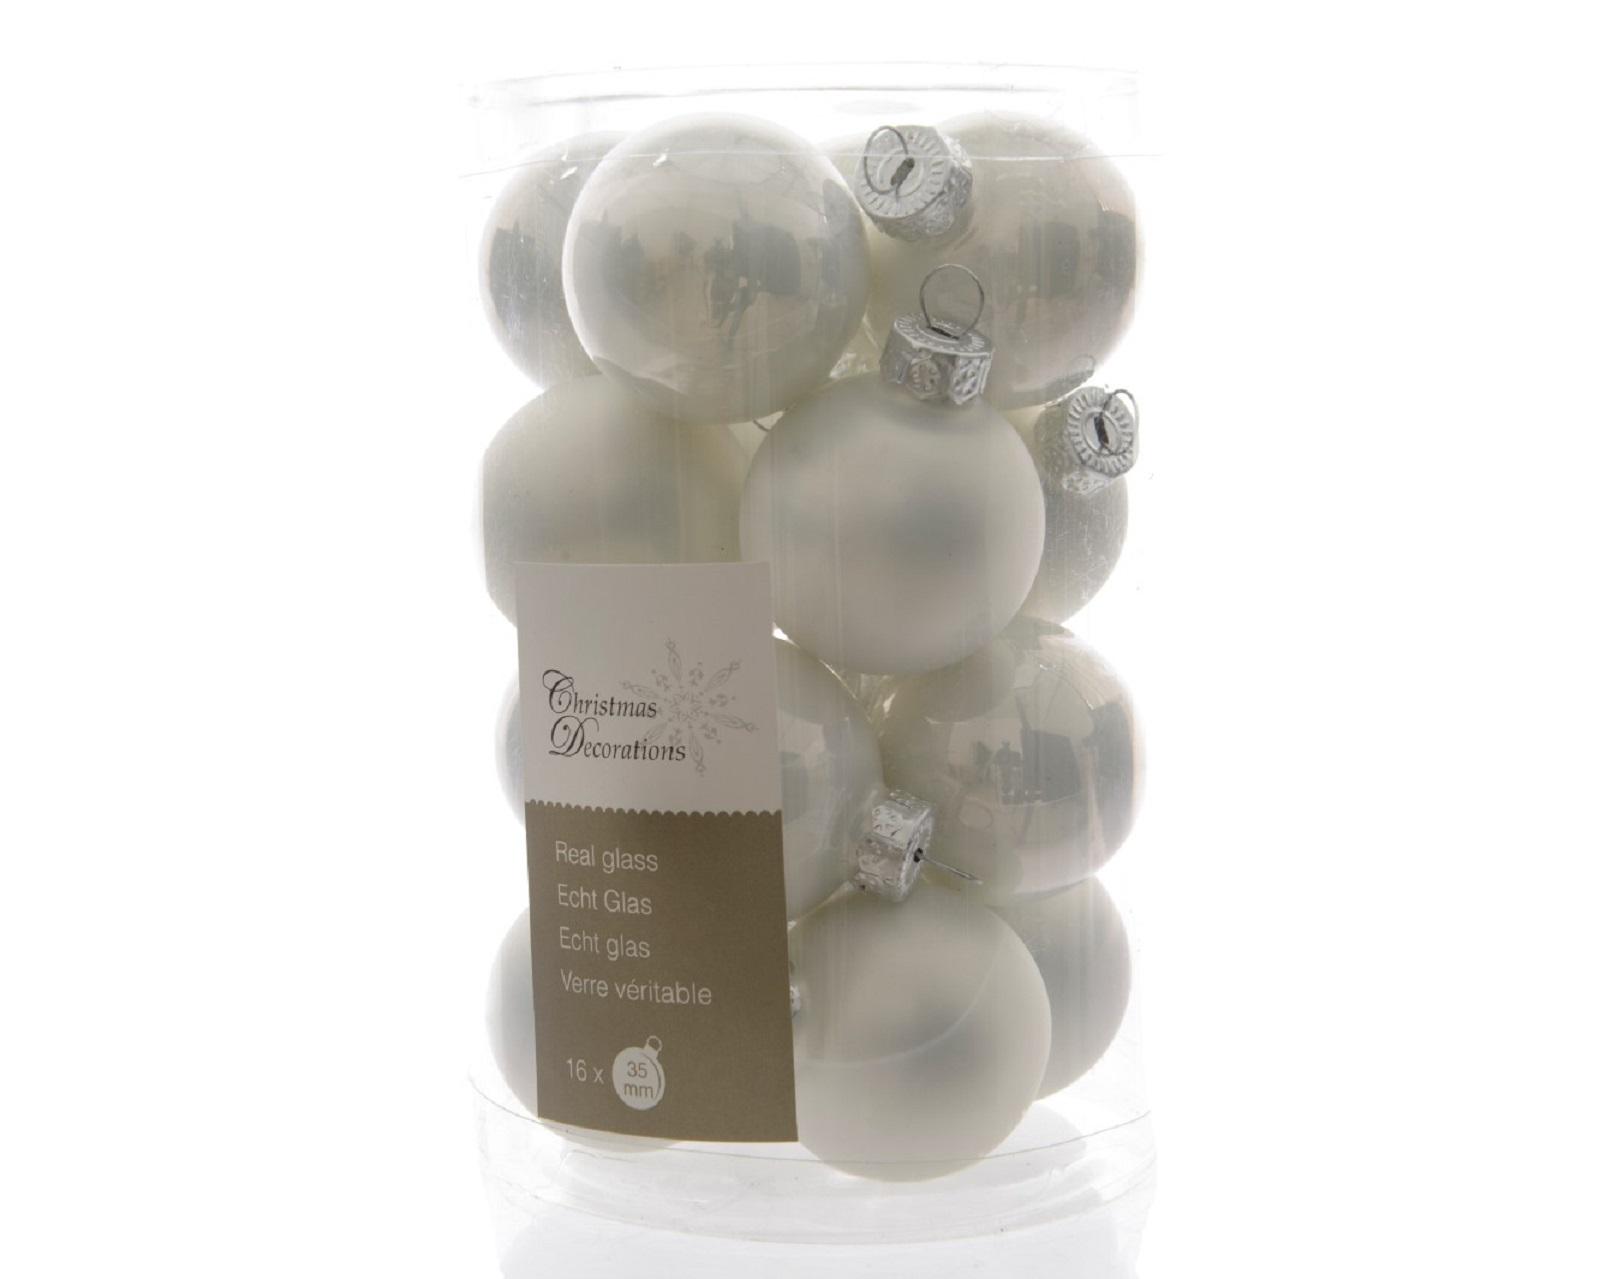 Glaskugeln Baumschmuck Weihnachtskugeln mini Weihnachtsdeko 16 St weiß